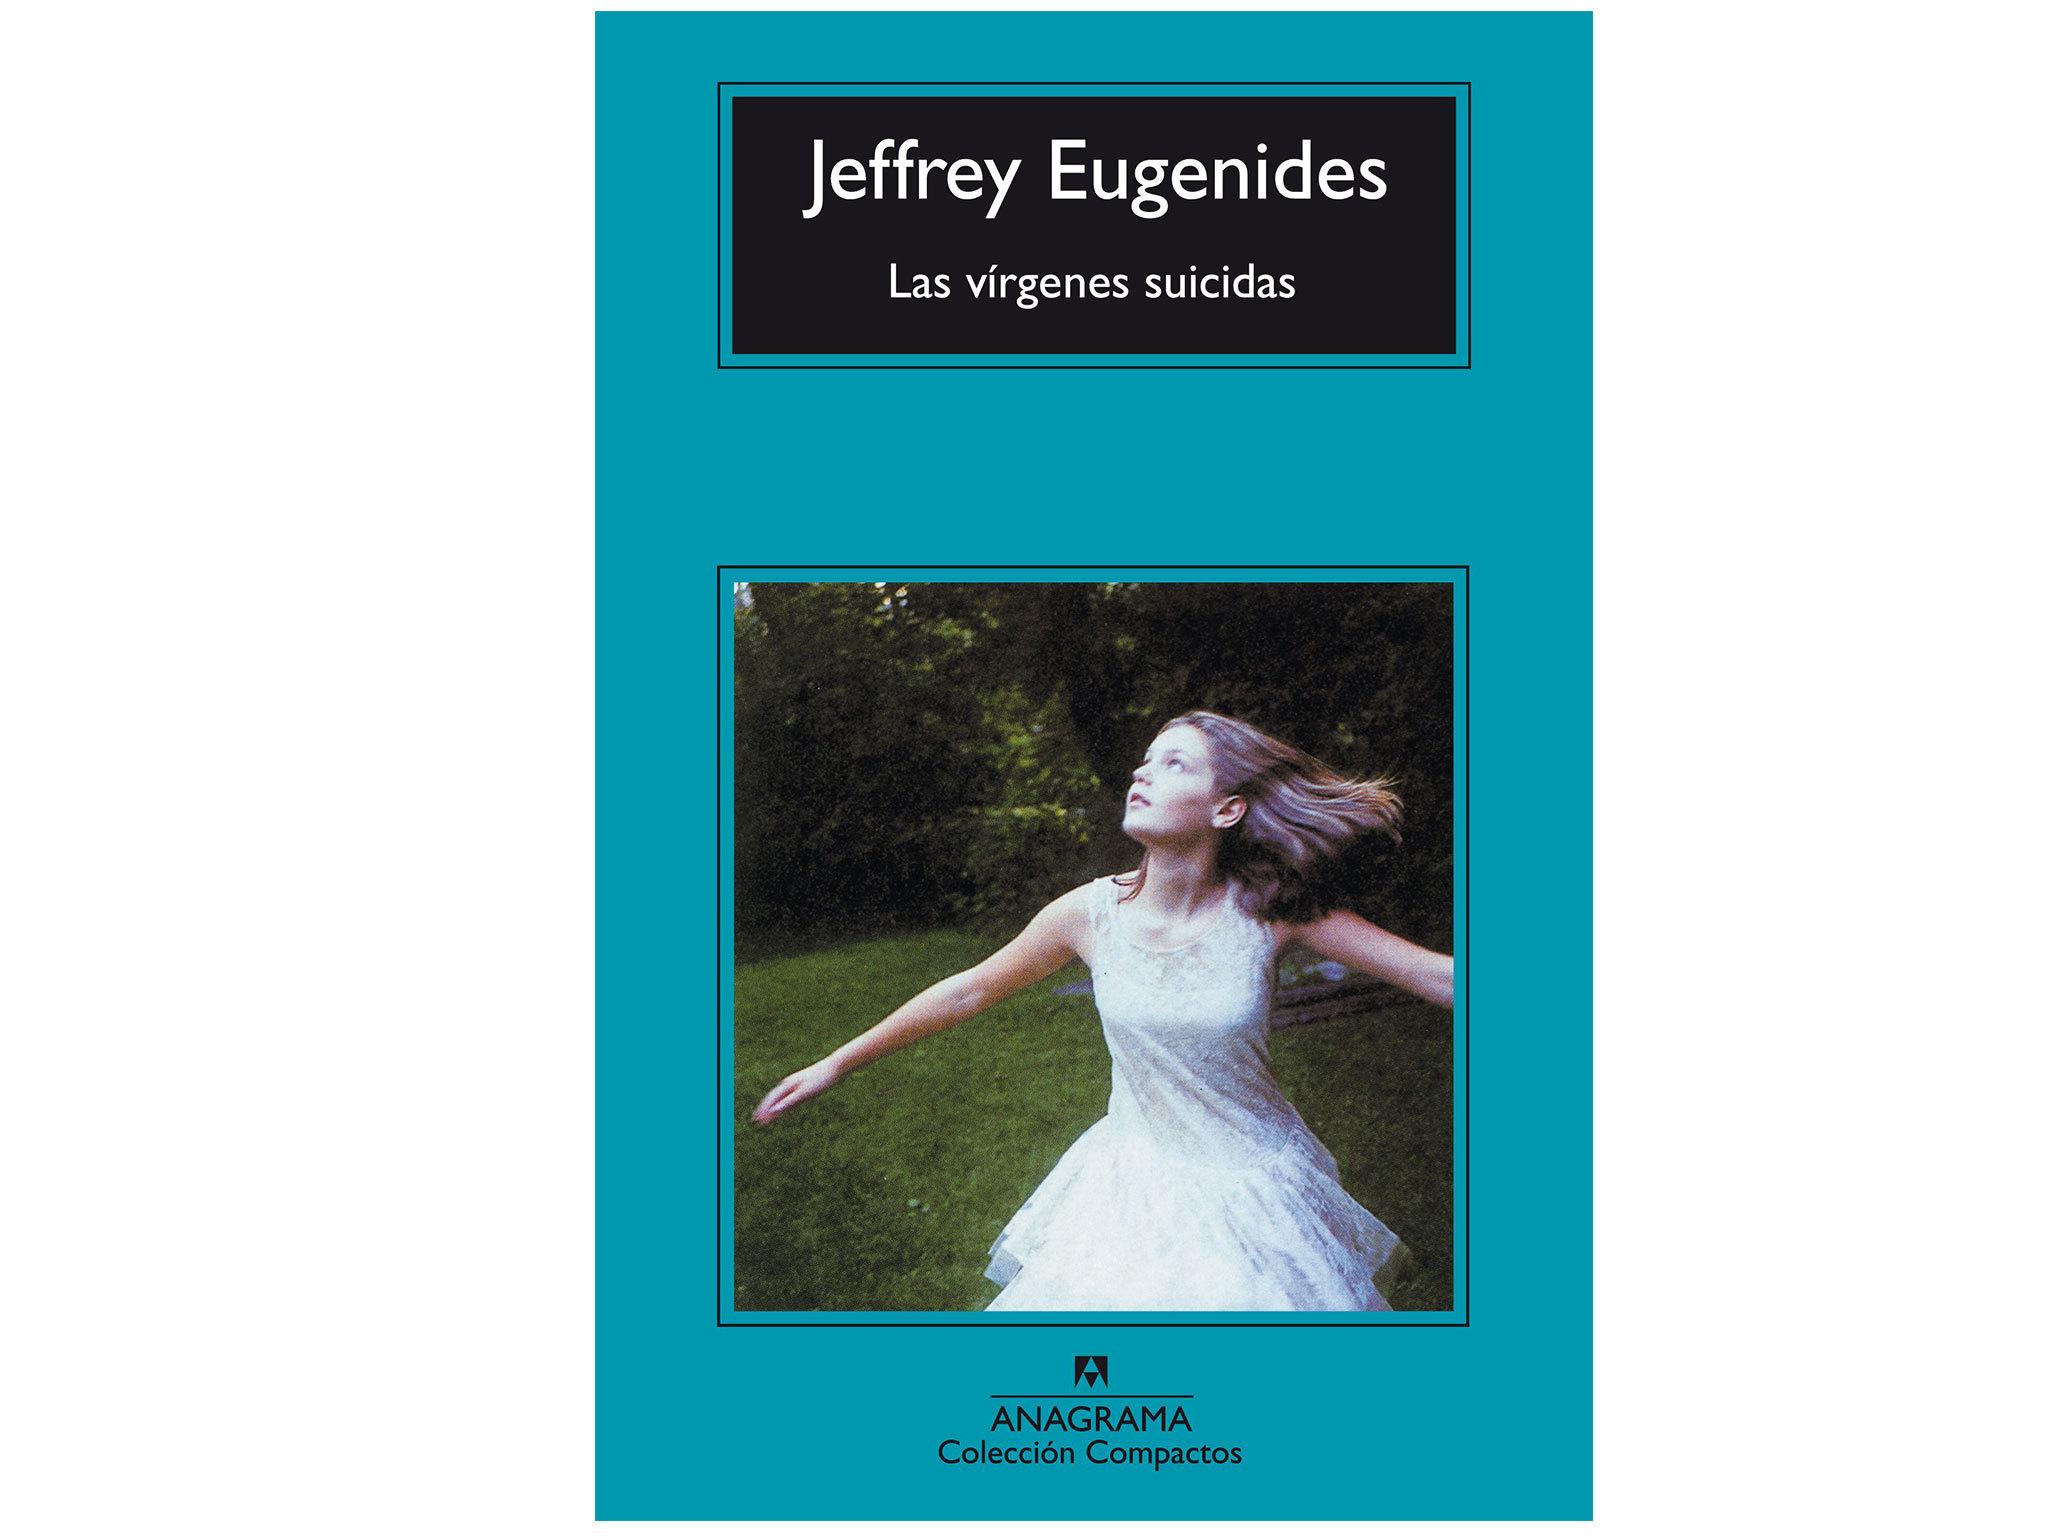 Las vírgenes suicidas, Jeffrey Eugenides (traducción de Roser Costa Berdagué. Anagrama, 2006)